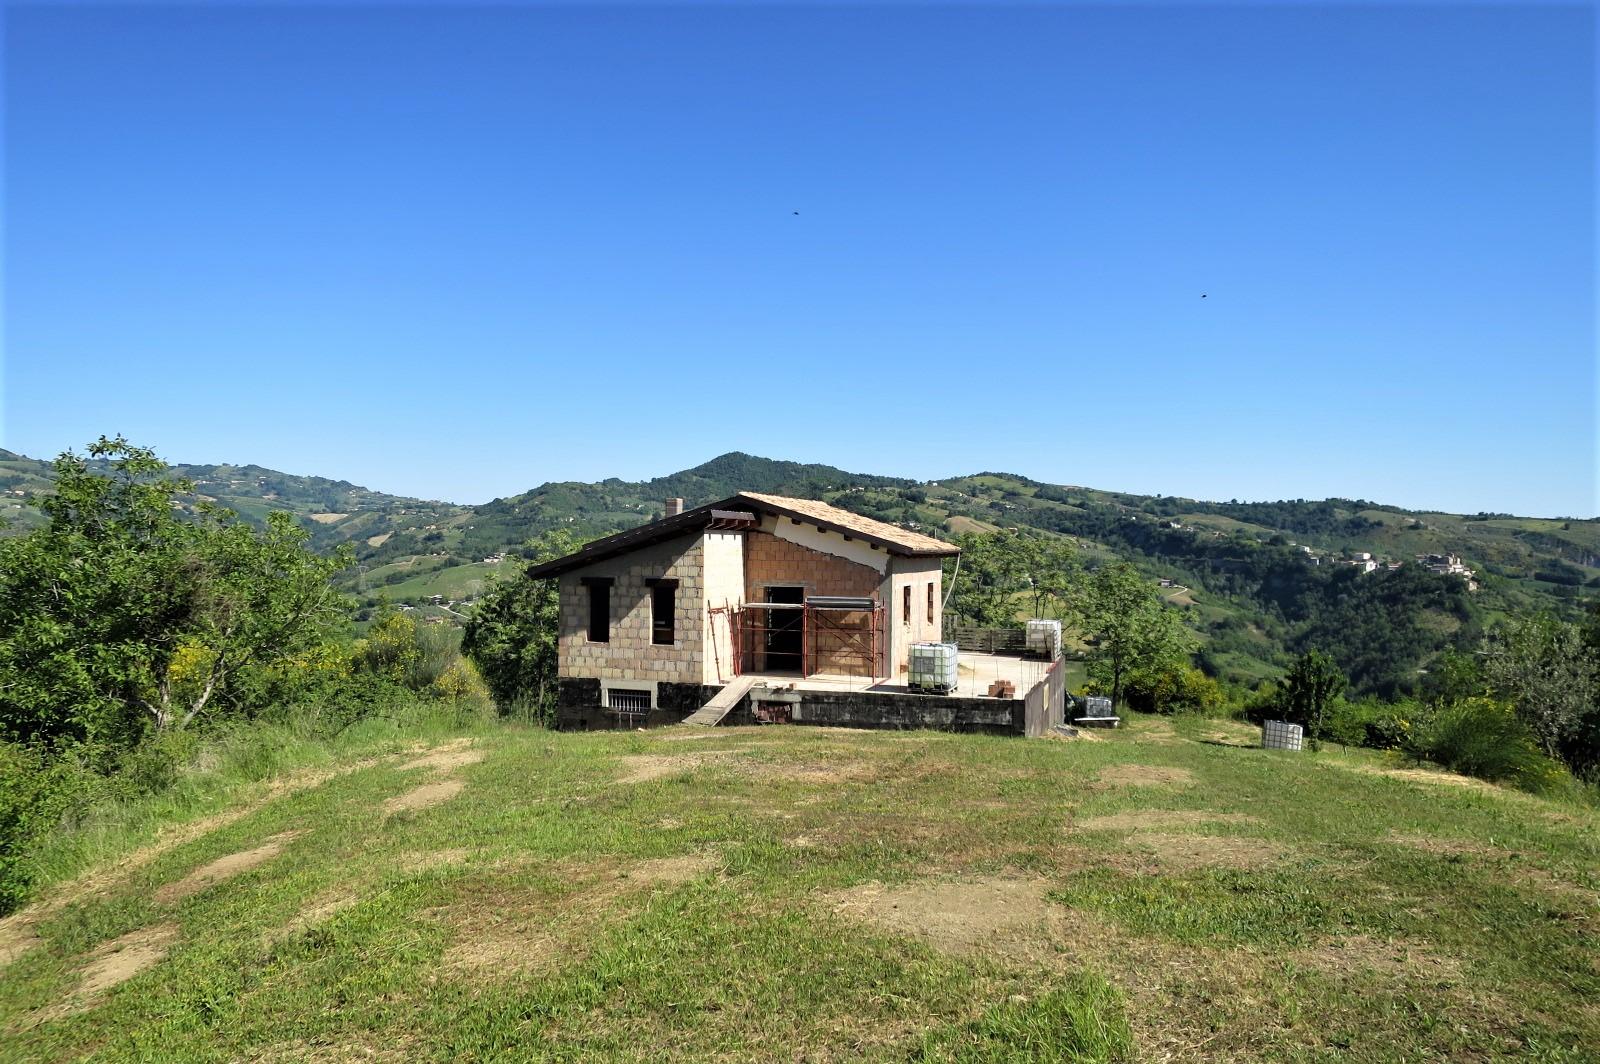 Country Houses Country Houses for sale Castiglione Messer Raimondo (TE), Casa Paradiso - Castiglione Messer Raimondo - EUR 181.096 490